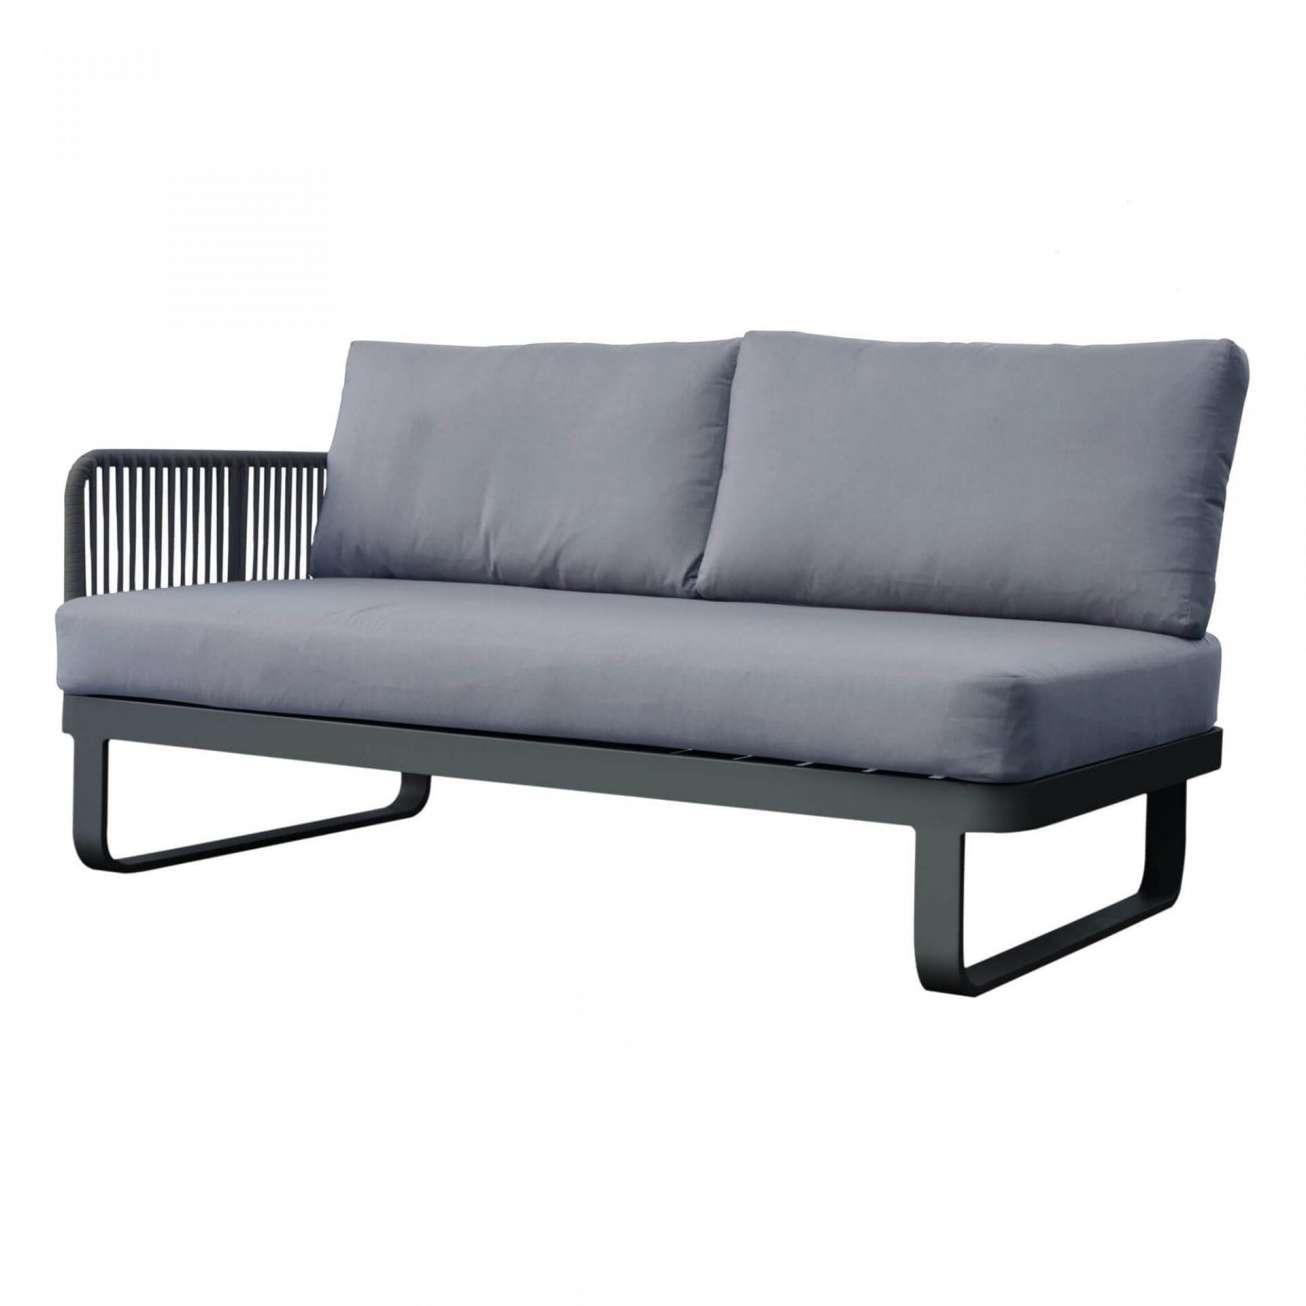 Gardenart sofa toseter med tau arlmene på venstre side